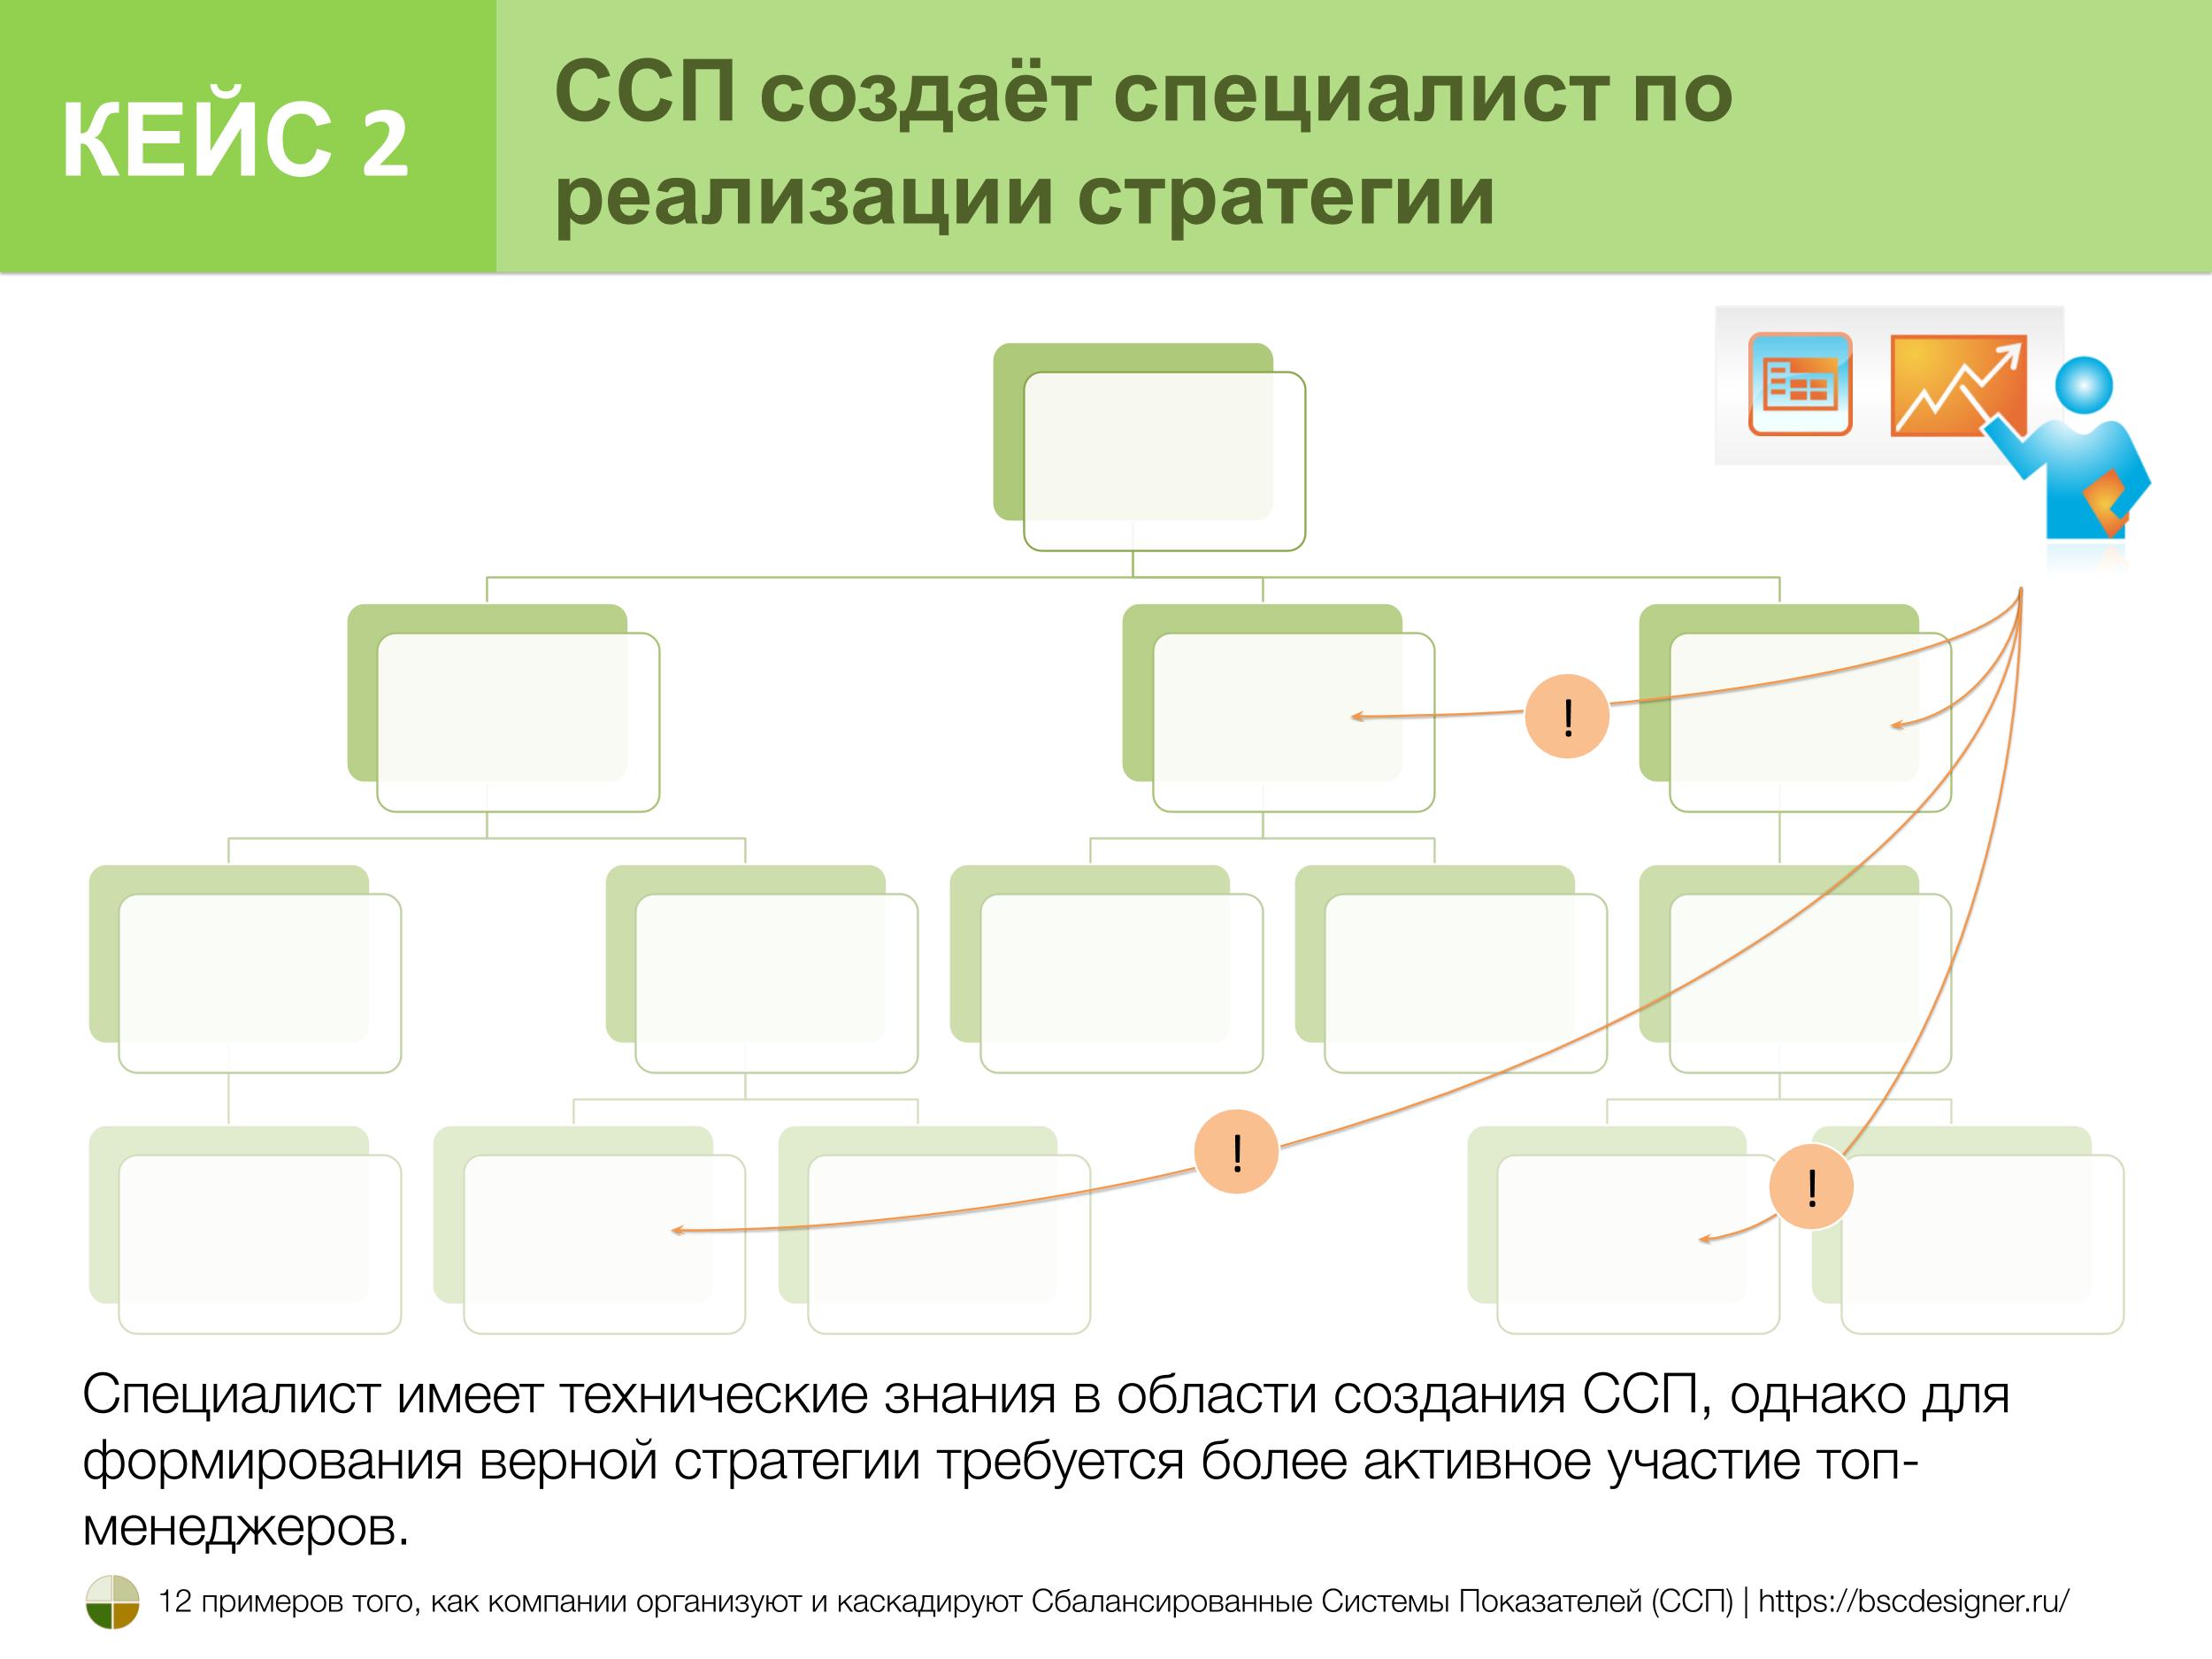 Кейс 2. ССП создают эксперты в области реализации стратегии